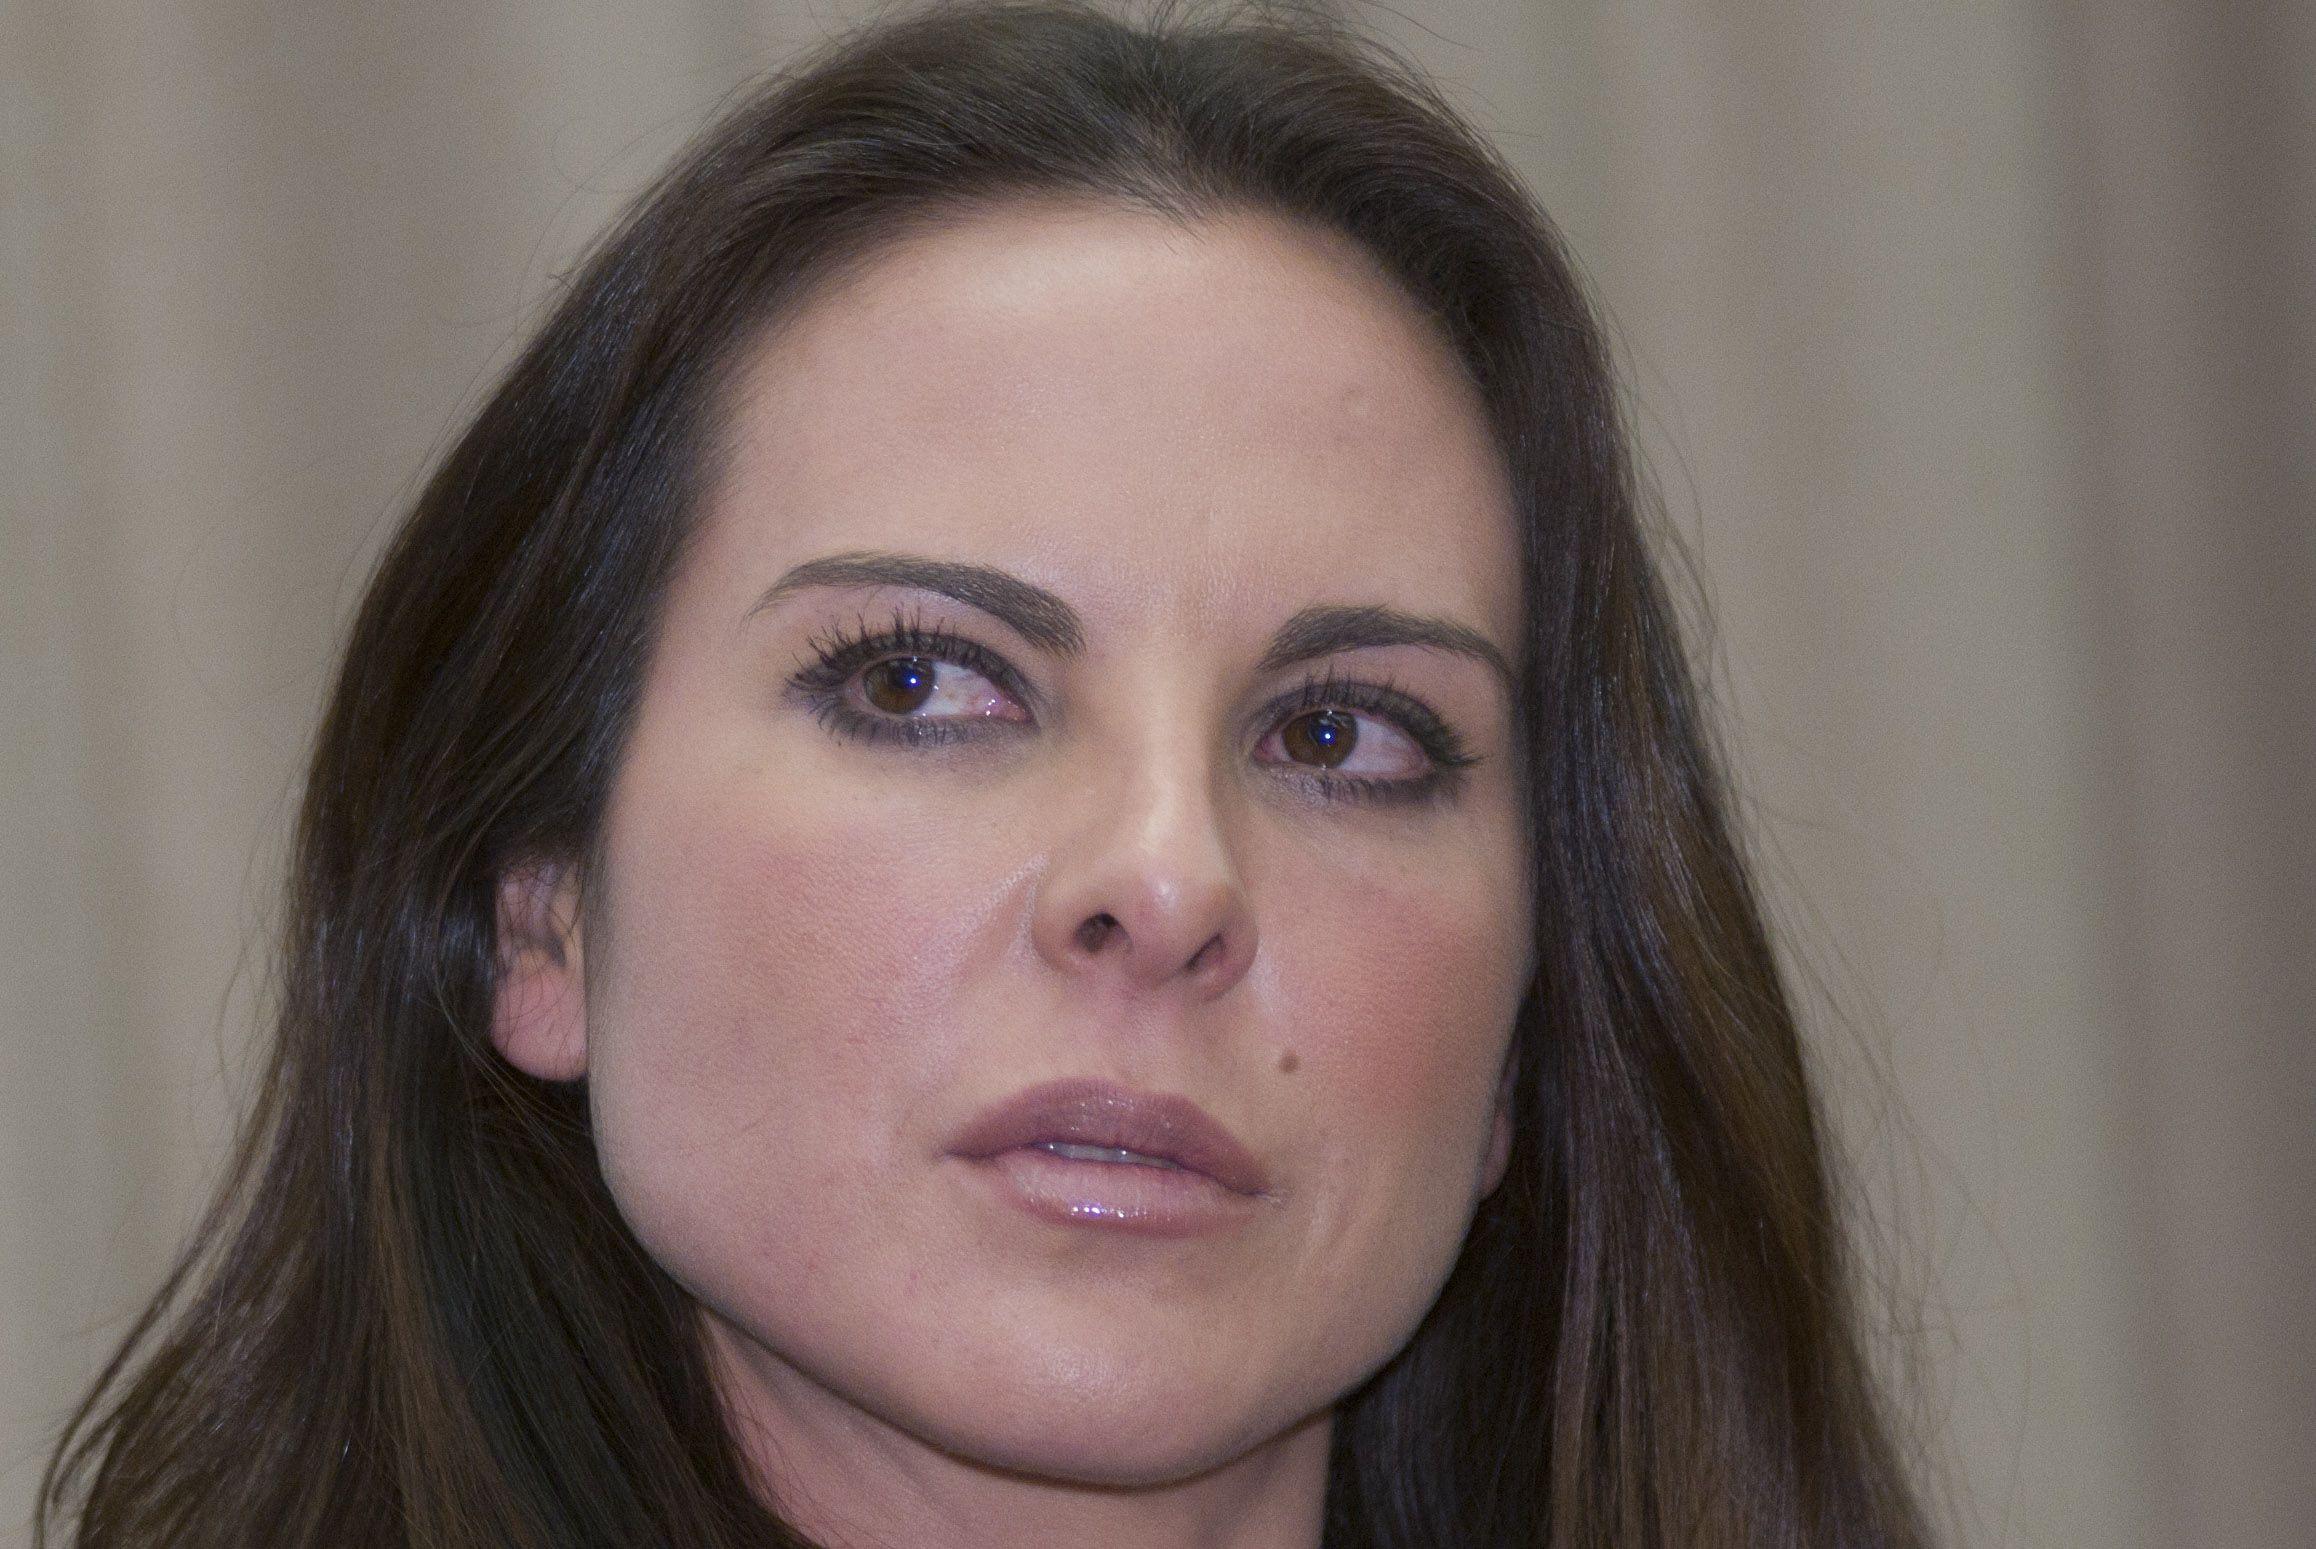 La actriz Kate del Castillo se dice víctima de persecución política y exige millonaria indemnización (Foto: Cuartoscuro)